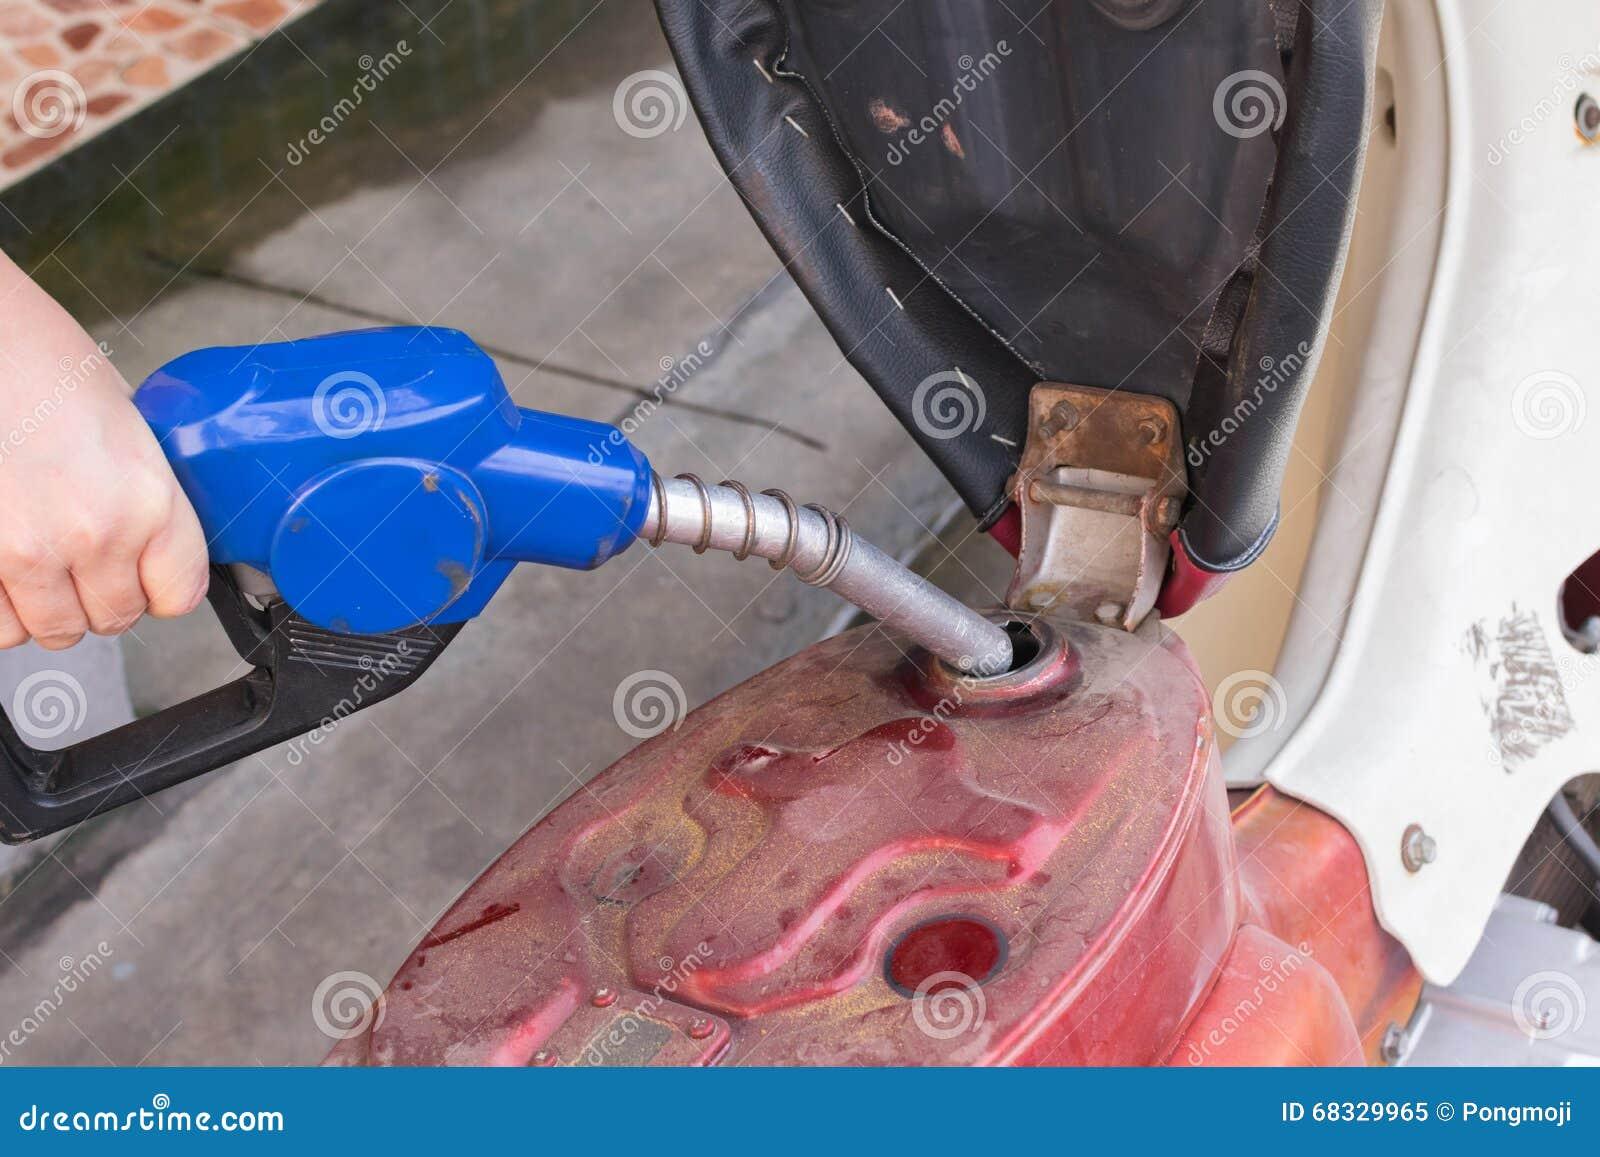 Adicione o combustível à motocicleta